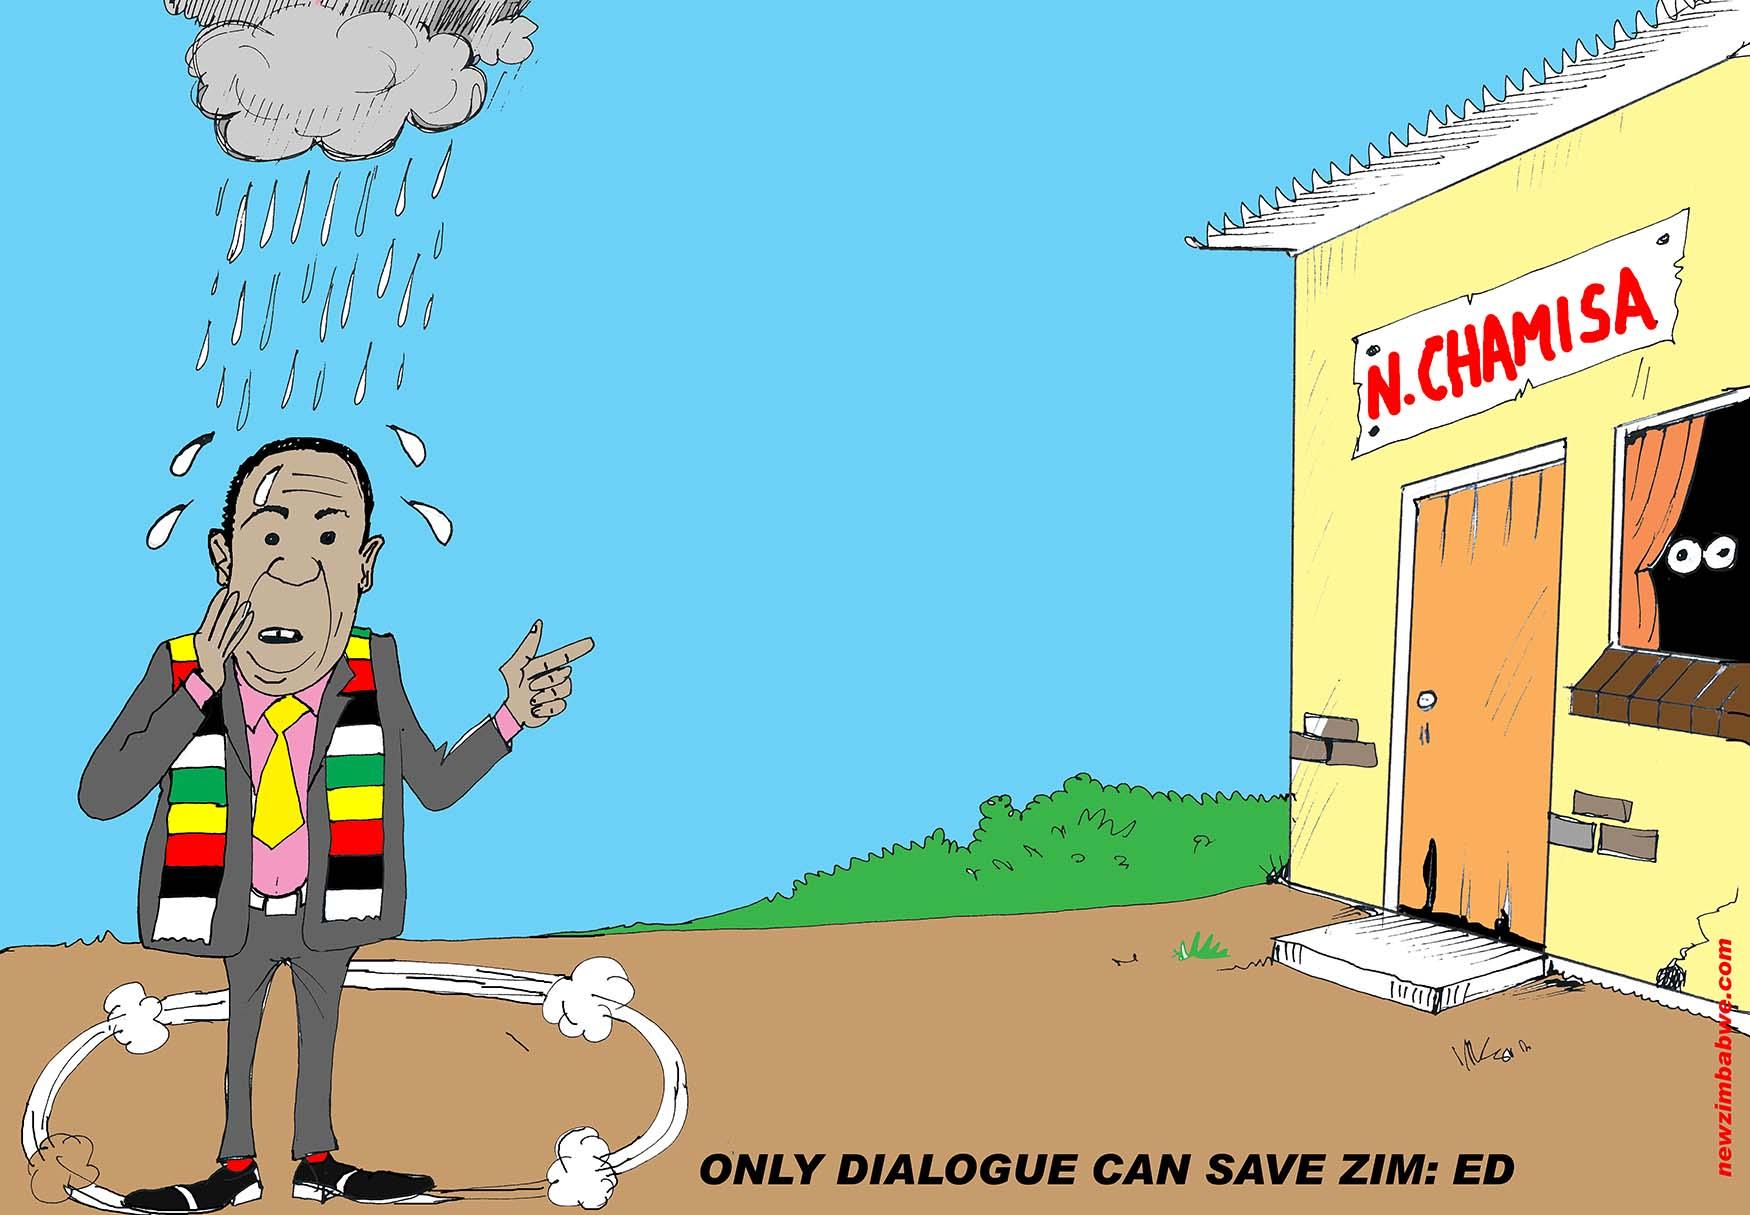 Dialogue can save Zimbabwe